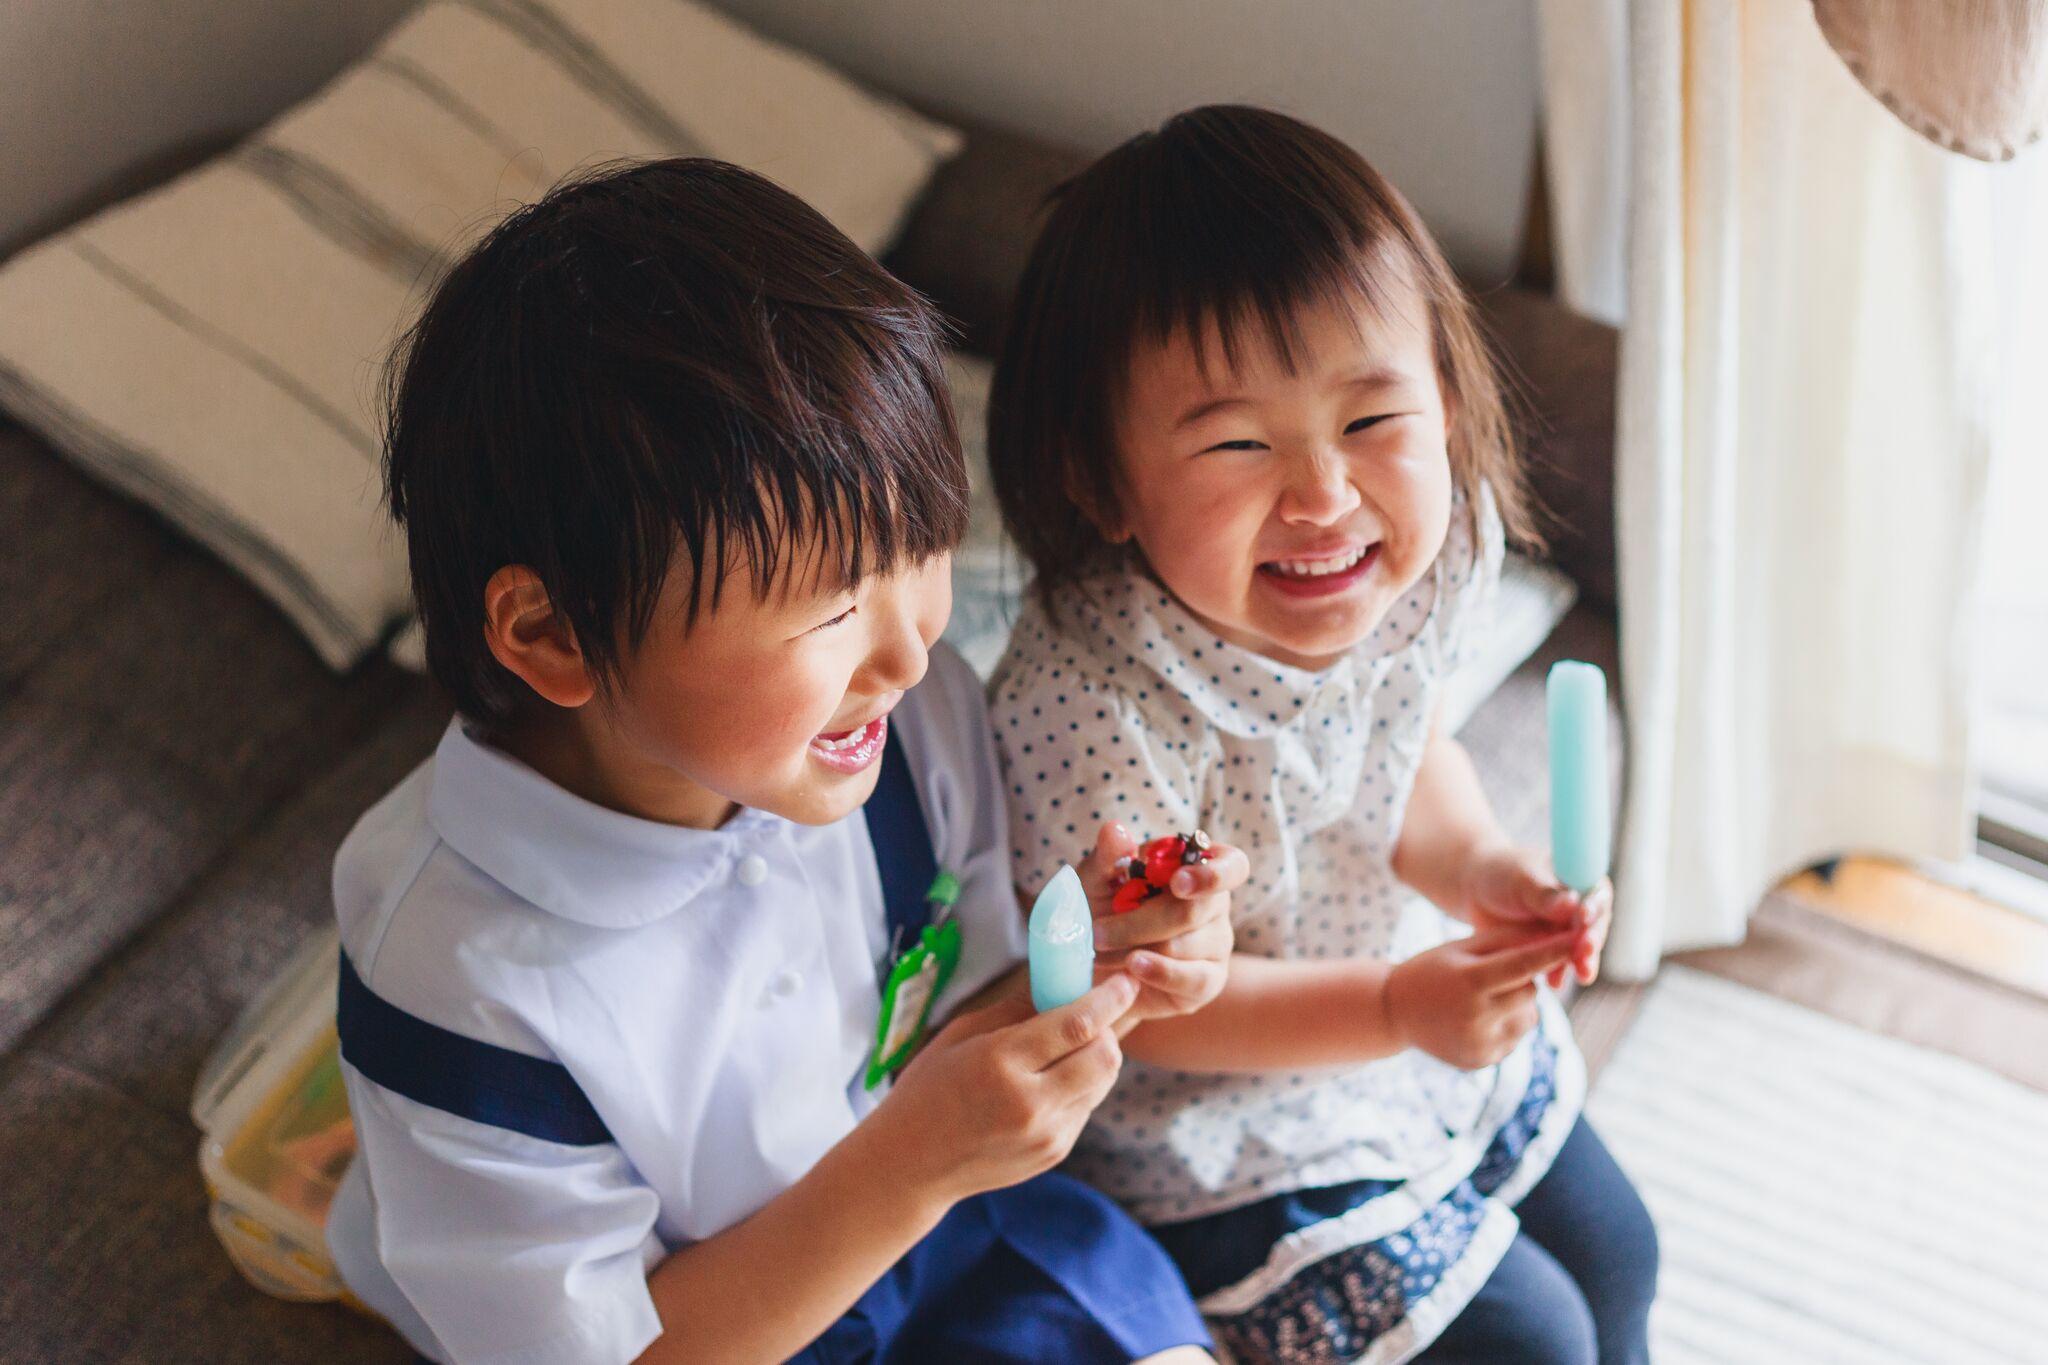 """「""""親の顔""""になる前の写真を残したい」3児のママカメラマンが語るマタニティフォトへの思い。  7番目の写真"""